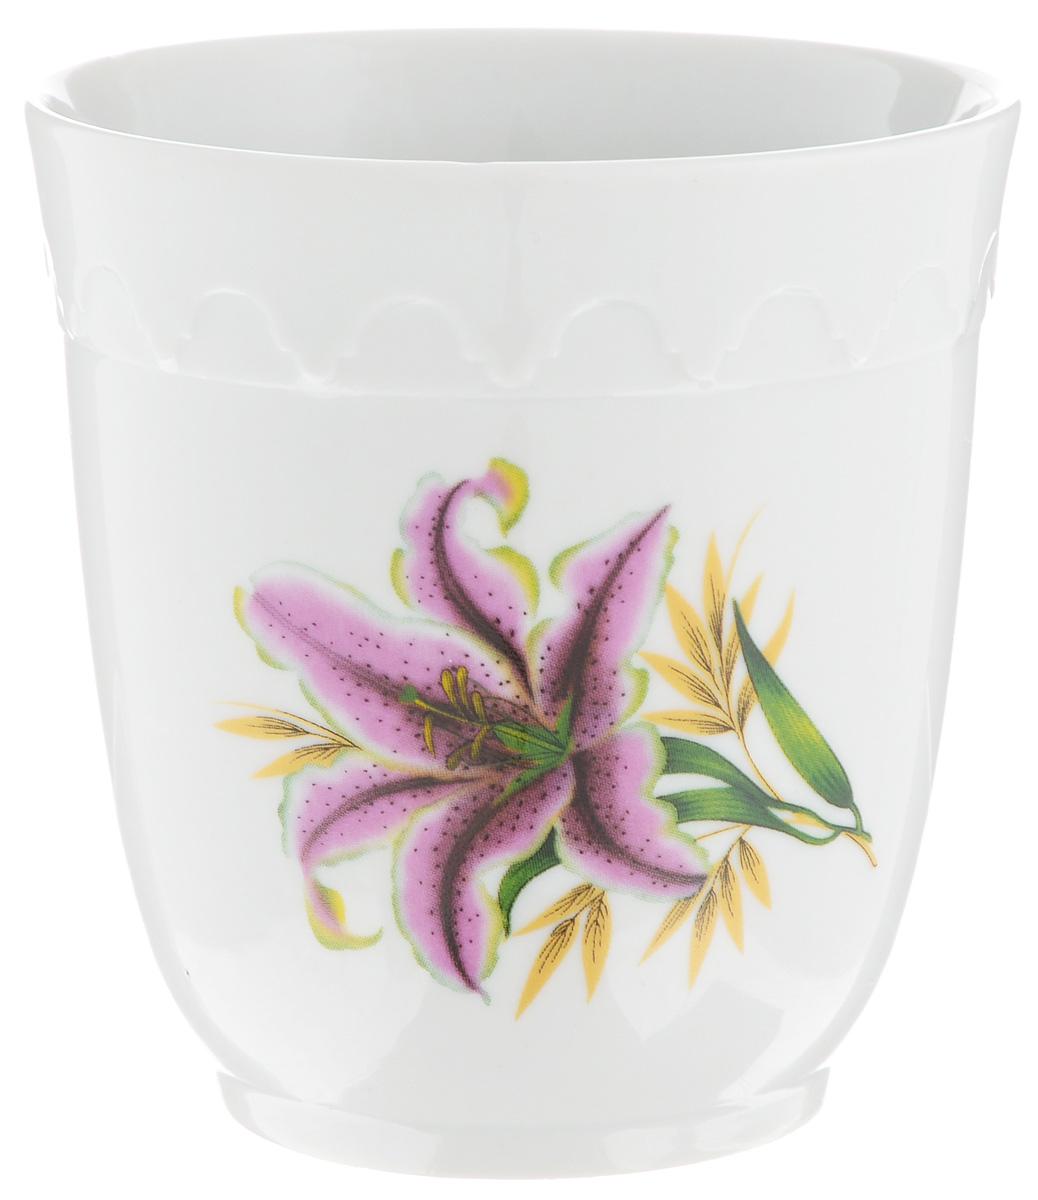 Кружка Фарфор Вербилок Арабеска. Розовая лилия, без ручки, 250 мл115510Кружка Фарфор Вербилок Арабеска. Розовая лилия способна скрасить любое чаепитие. Изделие выполнено из высококачественного фарфора. Посуда из такого материала позволяет сохранить истинный вкус напитка, а также помогает ему дольше оставаться теплым.Диаметр по верхнему краю: 8 см.Высота кружки: 8,5 см.